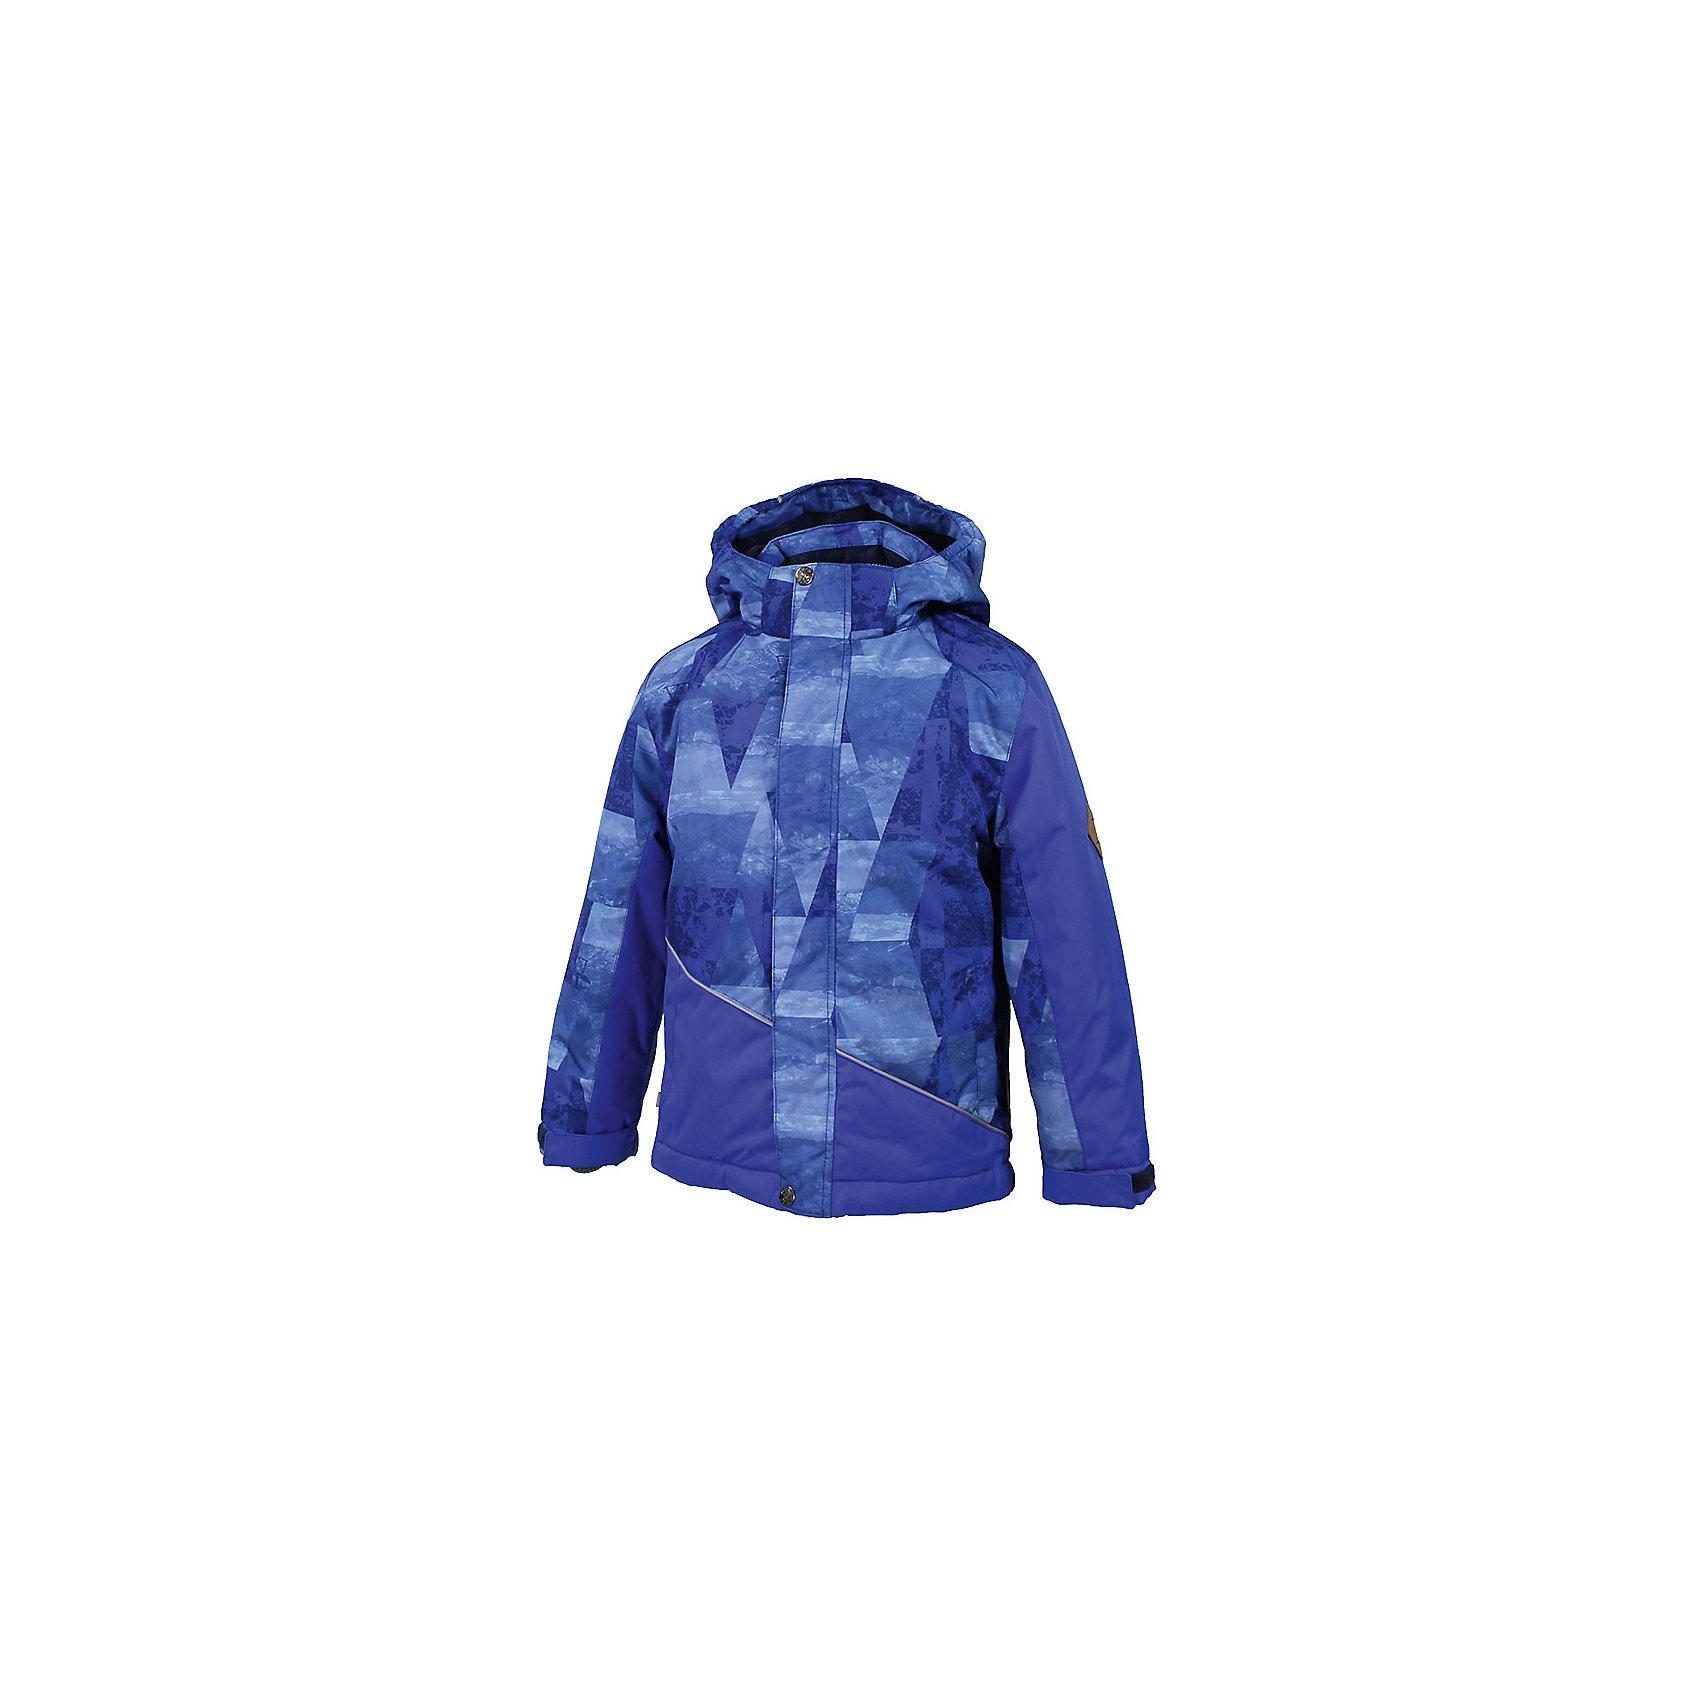 Куртка ALEX HuppaВерхняя одежда<br>Характеристики товара:<br><br>• модель: Alex;<br>• цвет: синий принт;<br>• состав: 100% полиэстер;<br>• утеплитель:  нового поколенияHuppaTherm,300 гр.;<br>• подкладка: полиэстер, тафта, флис;<br>• сезон: зима;<br>• температурный режим: от - 5 до - 30С;<br>• водонепроницаемость: 10000 мм;<br>• воздухопроницаемость: 10000 г/м2/24ч;<br>• все швы проклеены и не пропускают влагу;<br>• защитная планка молнии на липучке;<br>• защита подбородка от защемления;<br>• наличие внутренней снегозащиты куртки;<br>• капюшон крепится на кнопки и, при необходимости, отстегивается;<br>• эластичный шнур с фиксатором;<br>• карманы застегиваются на молнию;<br>• светоотражающие элементы для безопасности ребенка;<br>• регулируемые рукава на липучке с дополнительным вязаным манжетом внутри; <br>• страна бренда: Финляндия;<br>• страна изготовитель: Эстония.<br><br>Куртка Alex  для мальчика изготовлена из водо и ветронепроницаемого, грязеотталкивающего материала.<br><br>В куртке Alex 300 грамм утеплителя, которые обеспечат тепло и комфорт ребенку при температуре от -5 до -30 градусов.Подкладка —полиэстер, тафта, флис.<br><br>Функциональные элементы: капюшон отстегивается с помощью кнопок, защитная планка молнии на кнопках, защита подбородка от защемления, наличие внутренней снегозащиты куртки,эластичный шнур с фиксатором, карманы застегиваются на молнию,  регулируемые рукава на липучке с дополнительным вязаным манжетом внутри, все швы проклеены и не пропускают влагу,светоотражающие элементы. <br><br>Куртку Alex для мальчика бренда HUPPA  можно купить в нашем интернет-магазине.<br><br>Ширина мм: 356<br>Глубина мм: 10<br>Высота мм: 245<br>Вес г: 519<br>Цвет: синий<br>Возраст от месяцев: 168<br>Возраст до месяцев: 180<br>Пол: Унисекс<br>Возраст: Детский<br>Размер: 170,104,110,116,122,128,134,140,146,152,158,164<br>SKU: 7024992